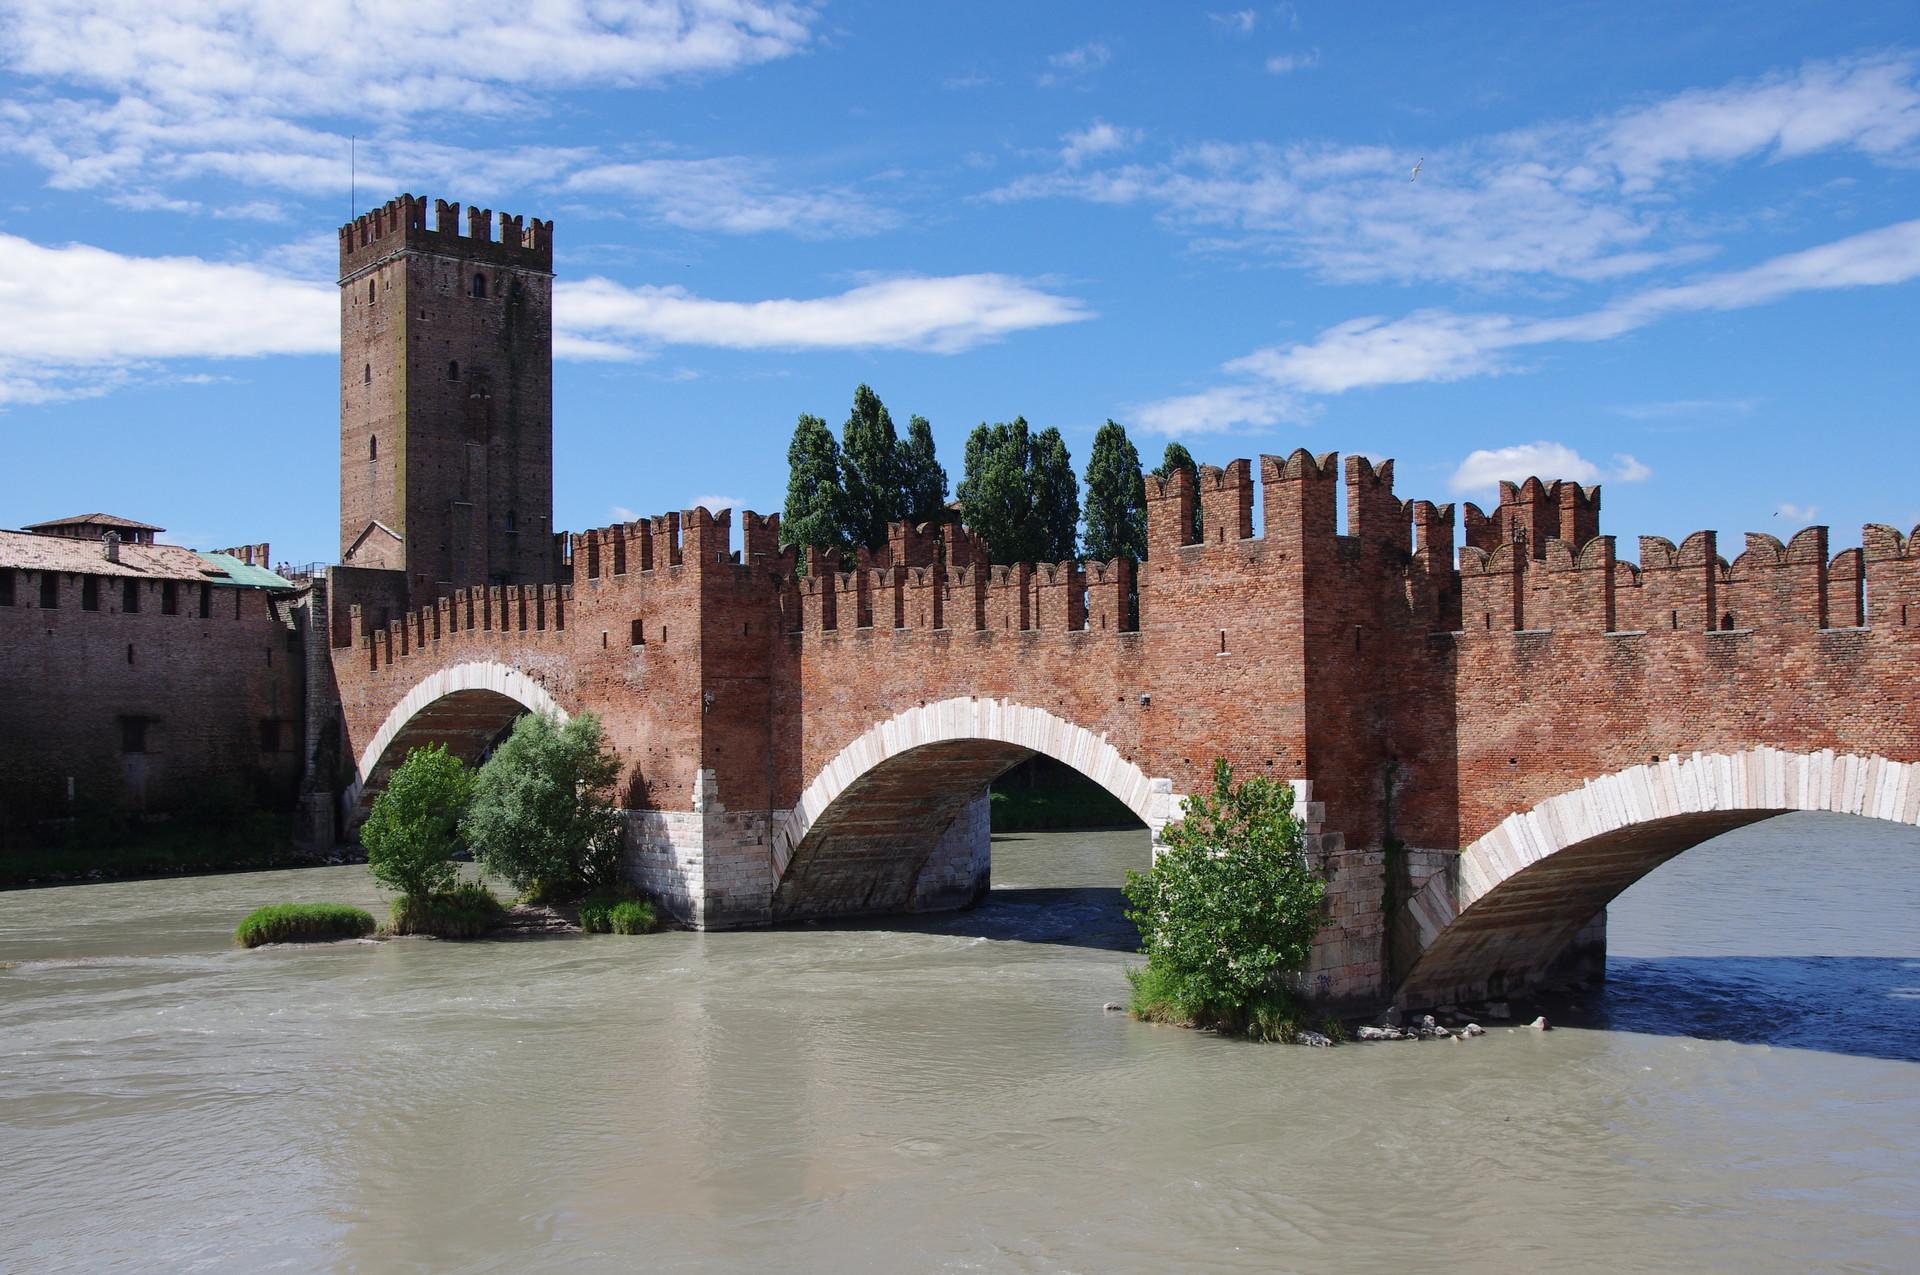 Doświadczenie w Weronie, Włochy oczami Adriano